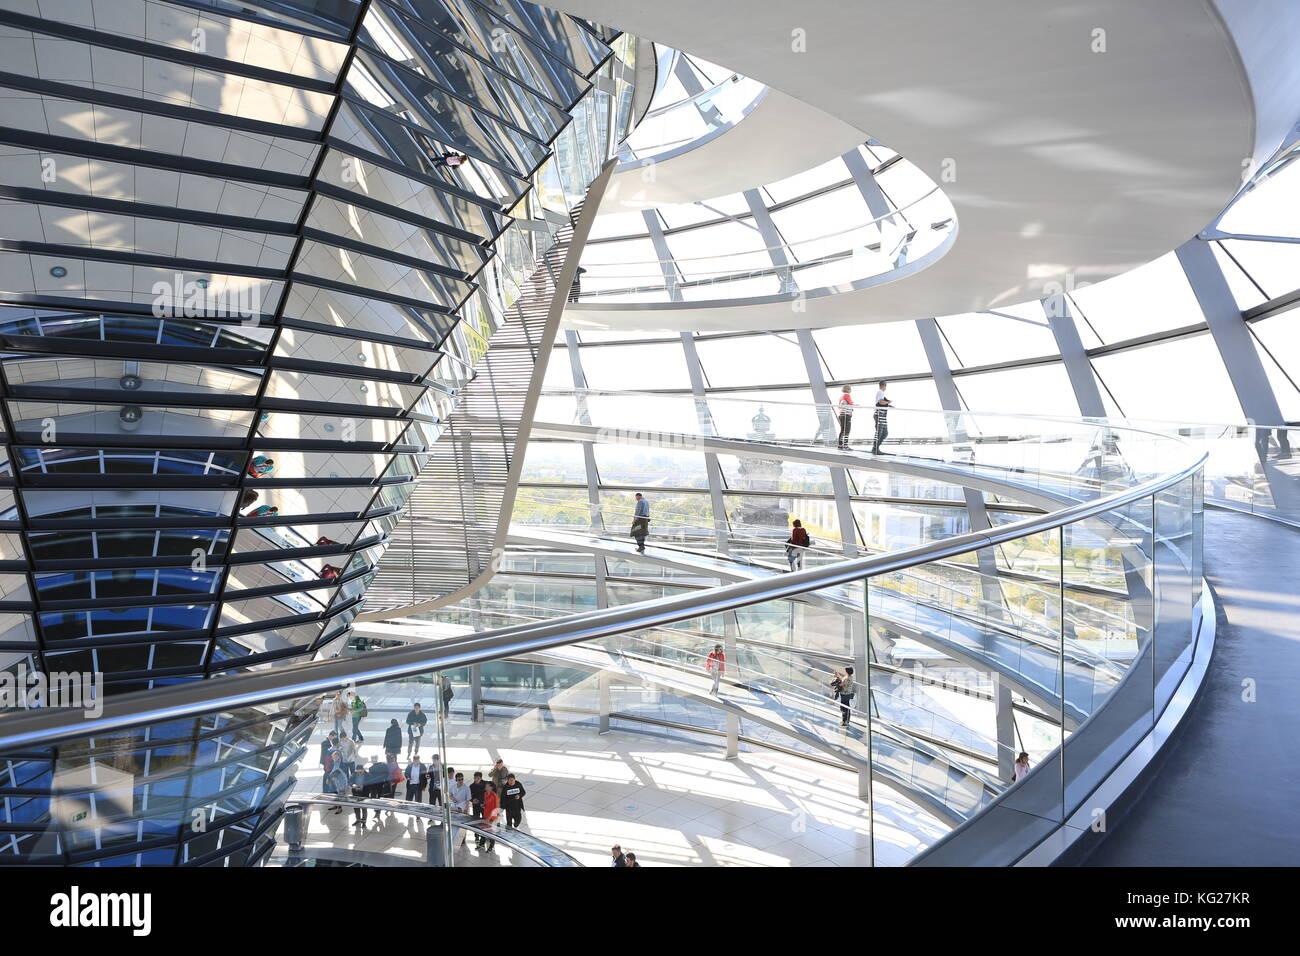 Die Kuppel von Norman Foster, Reichstag, Berlin, Deutschland, Europa Stockbild